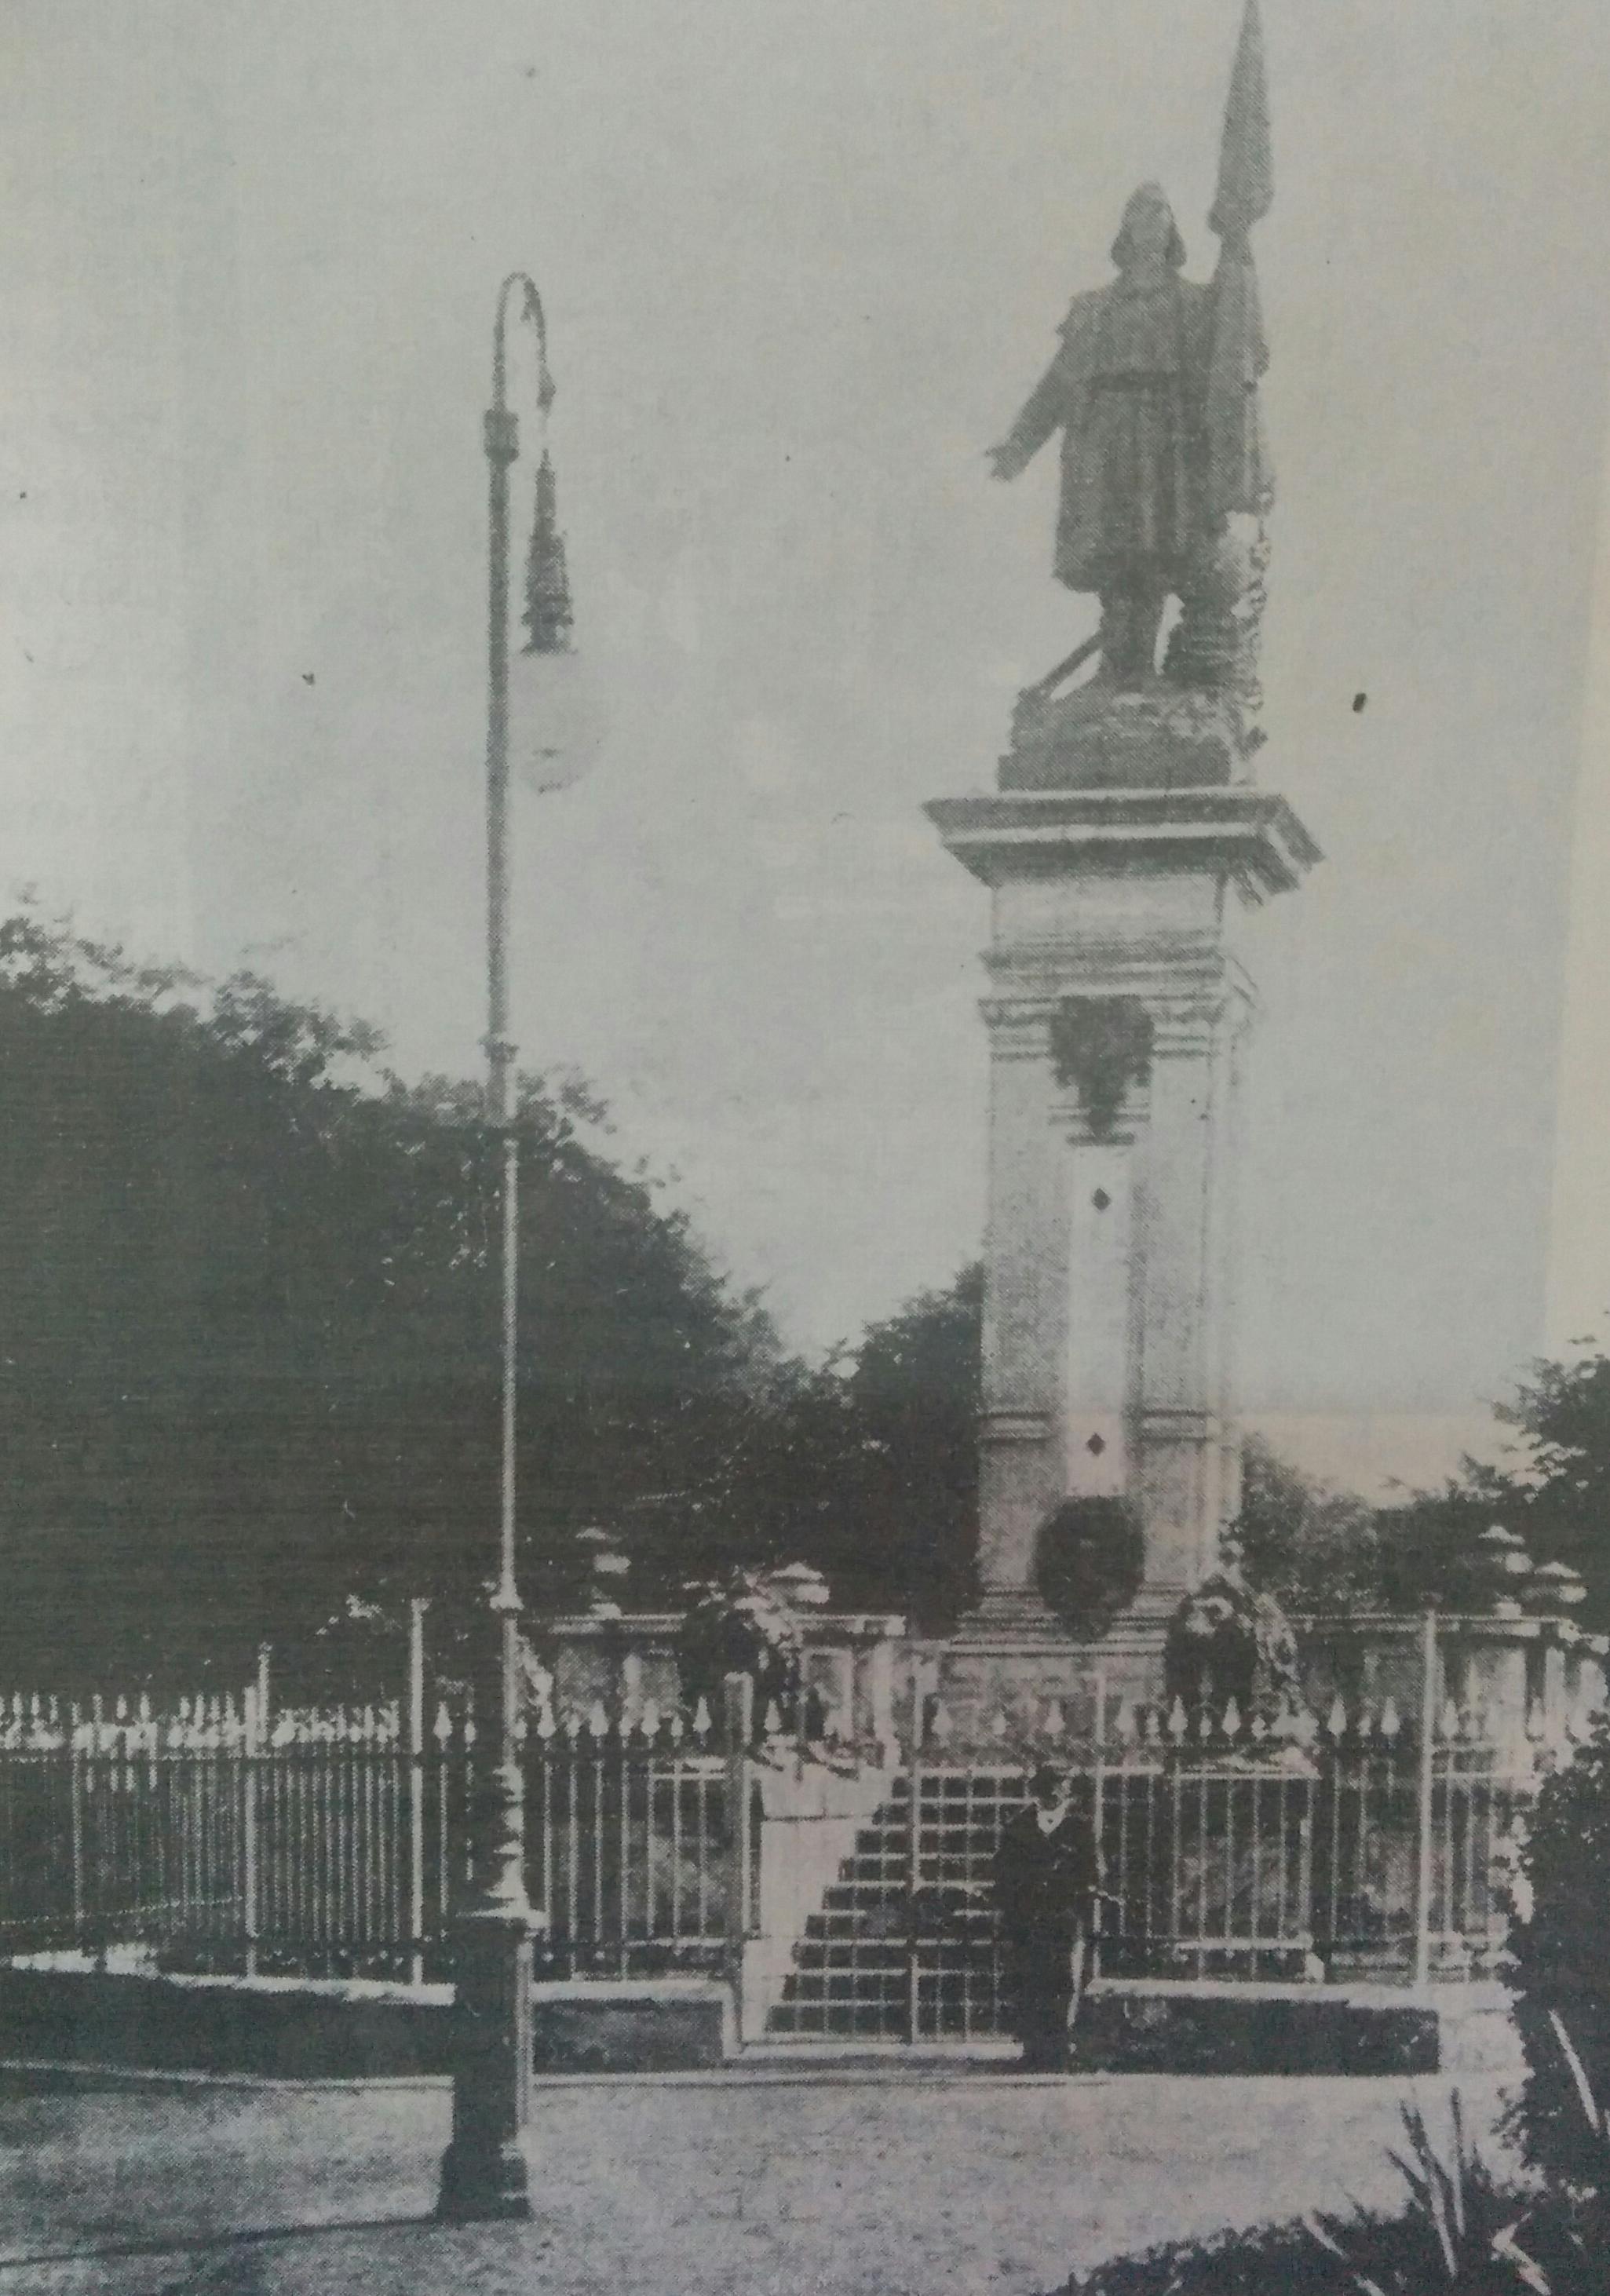 Imágenes fotográficas de Chivilcoy correspondientes al año 1892, cuando fue declarada Ciudad el 27 de agosto.